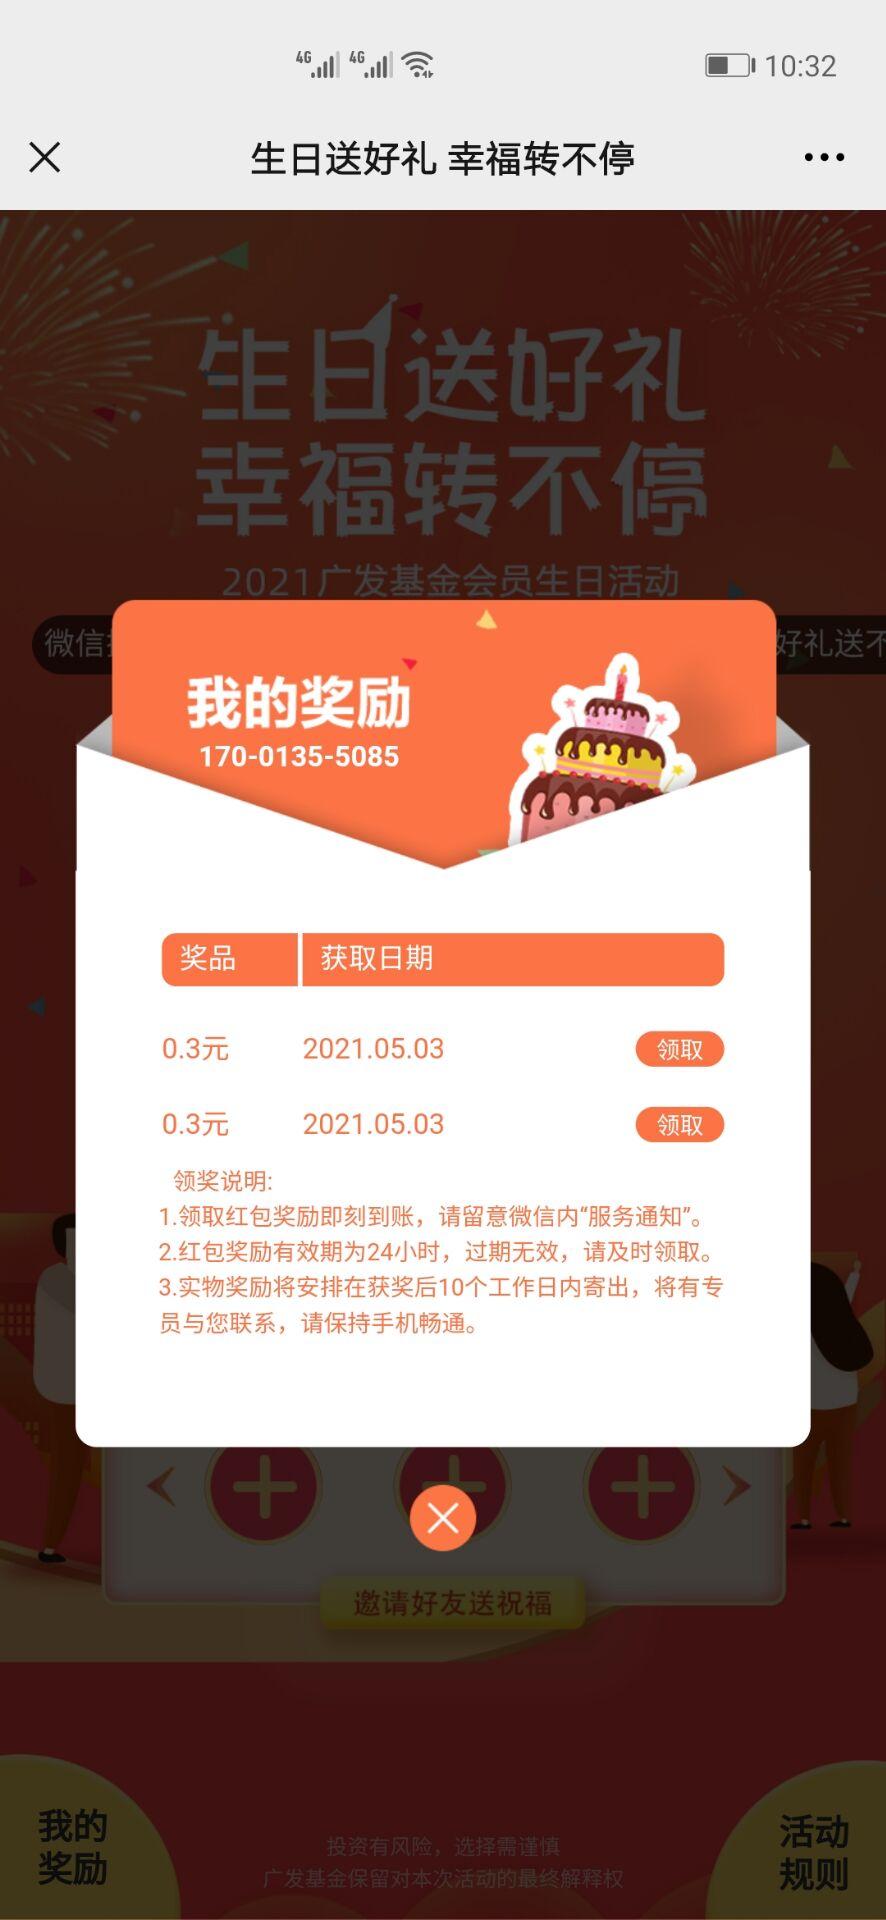 微信公众号广发基金-生日送好礼-0.6微信红包